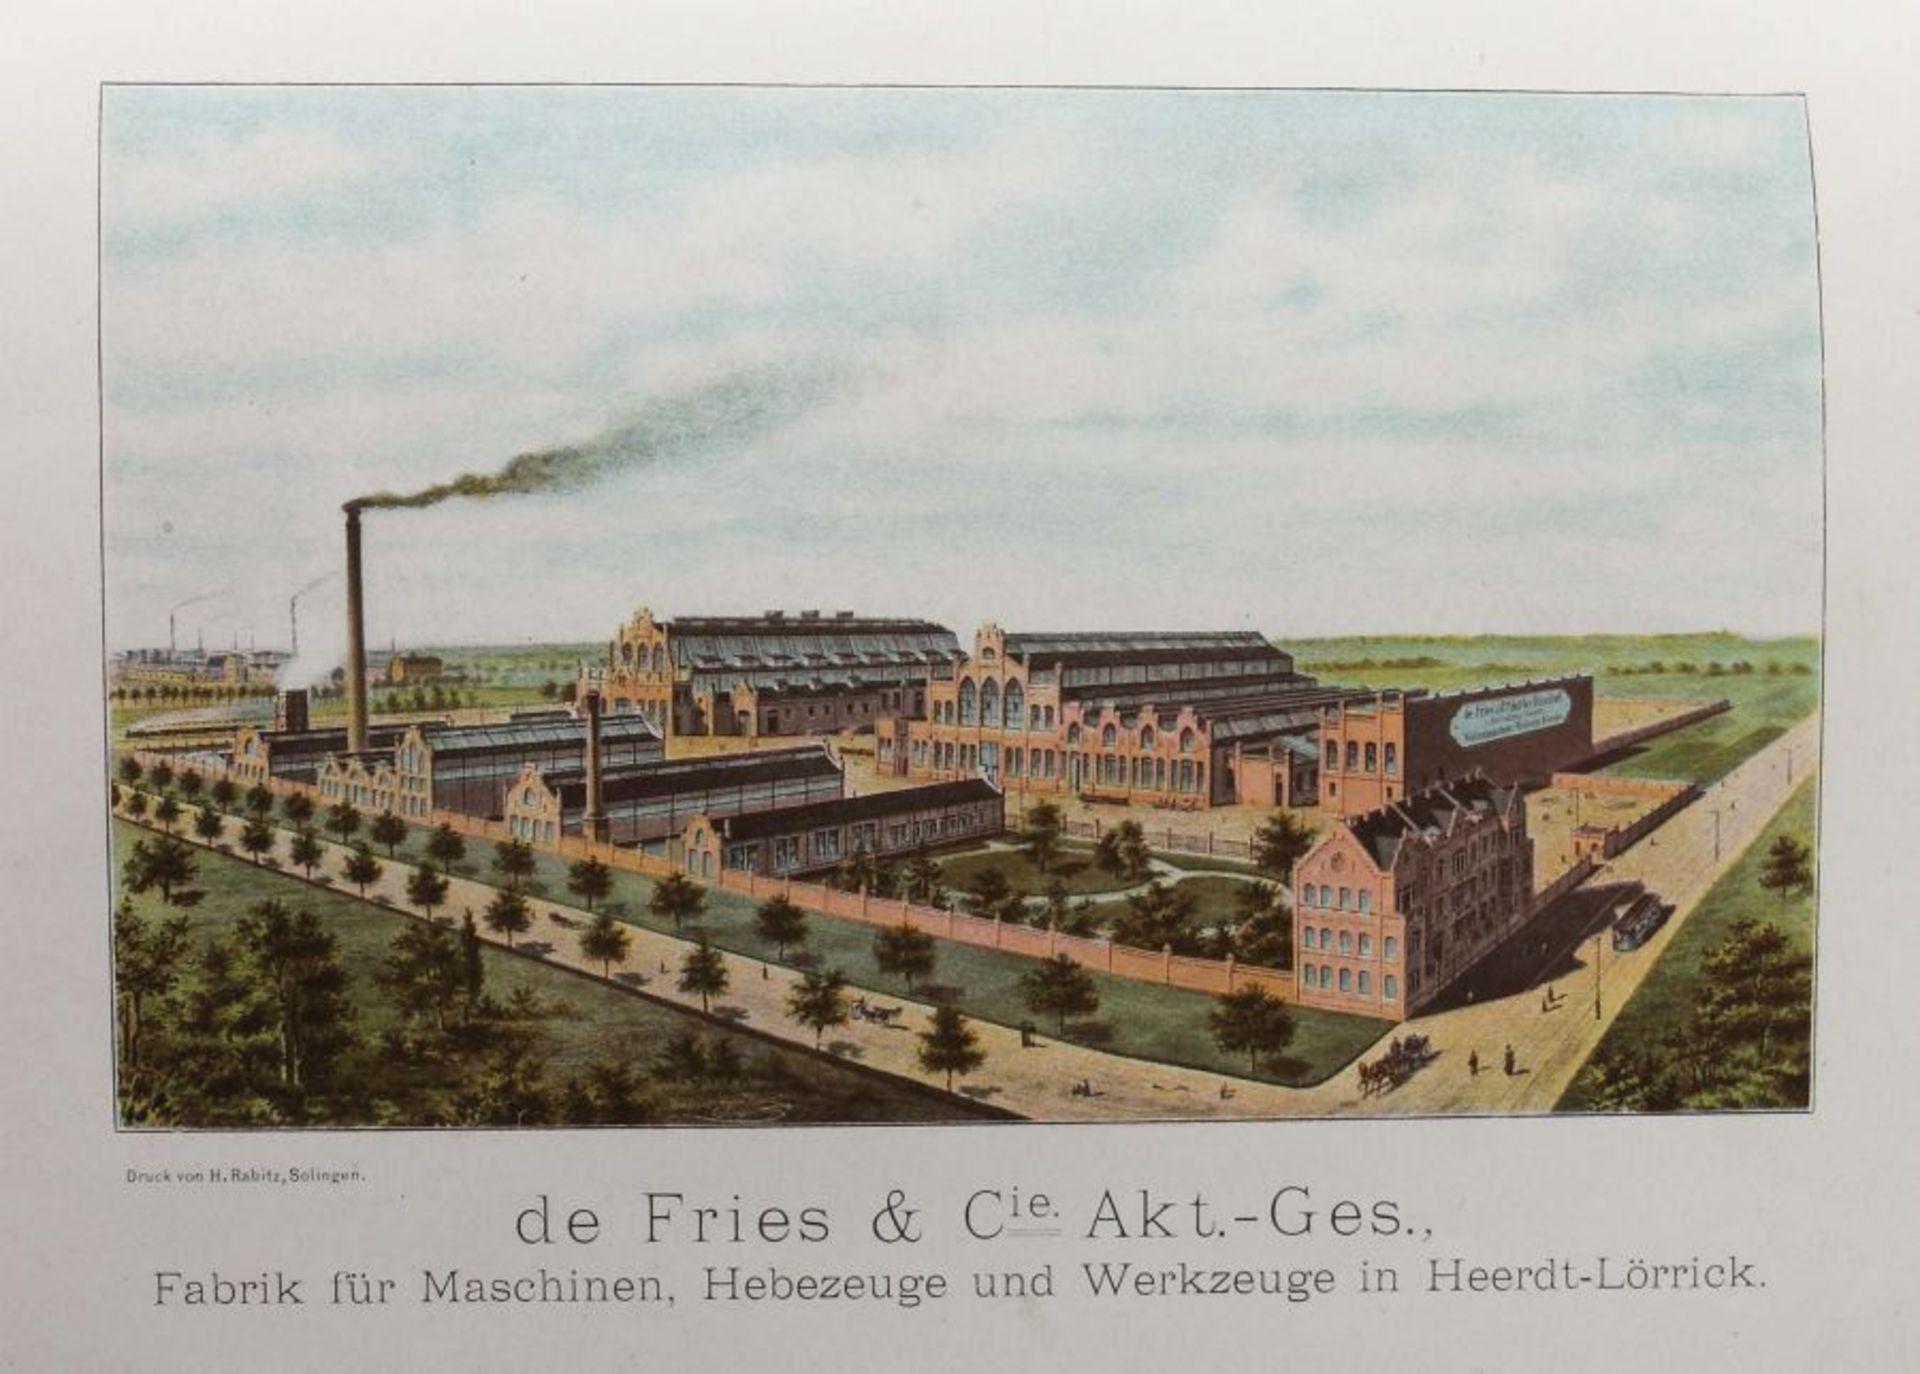 De Fries & Cie AG, Düsseldorf Hauptkatalog der Werkzeuge und Bedarfsartikel, 1901, 799 S. mit - Bild 3 aus 3